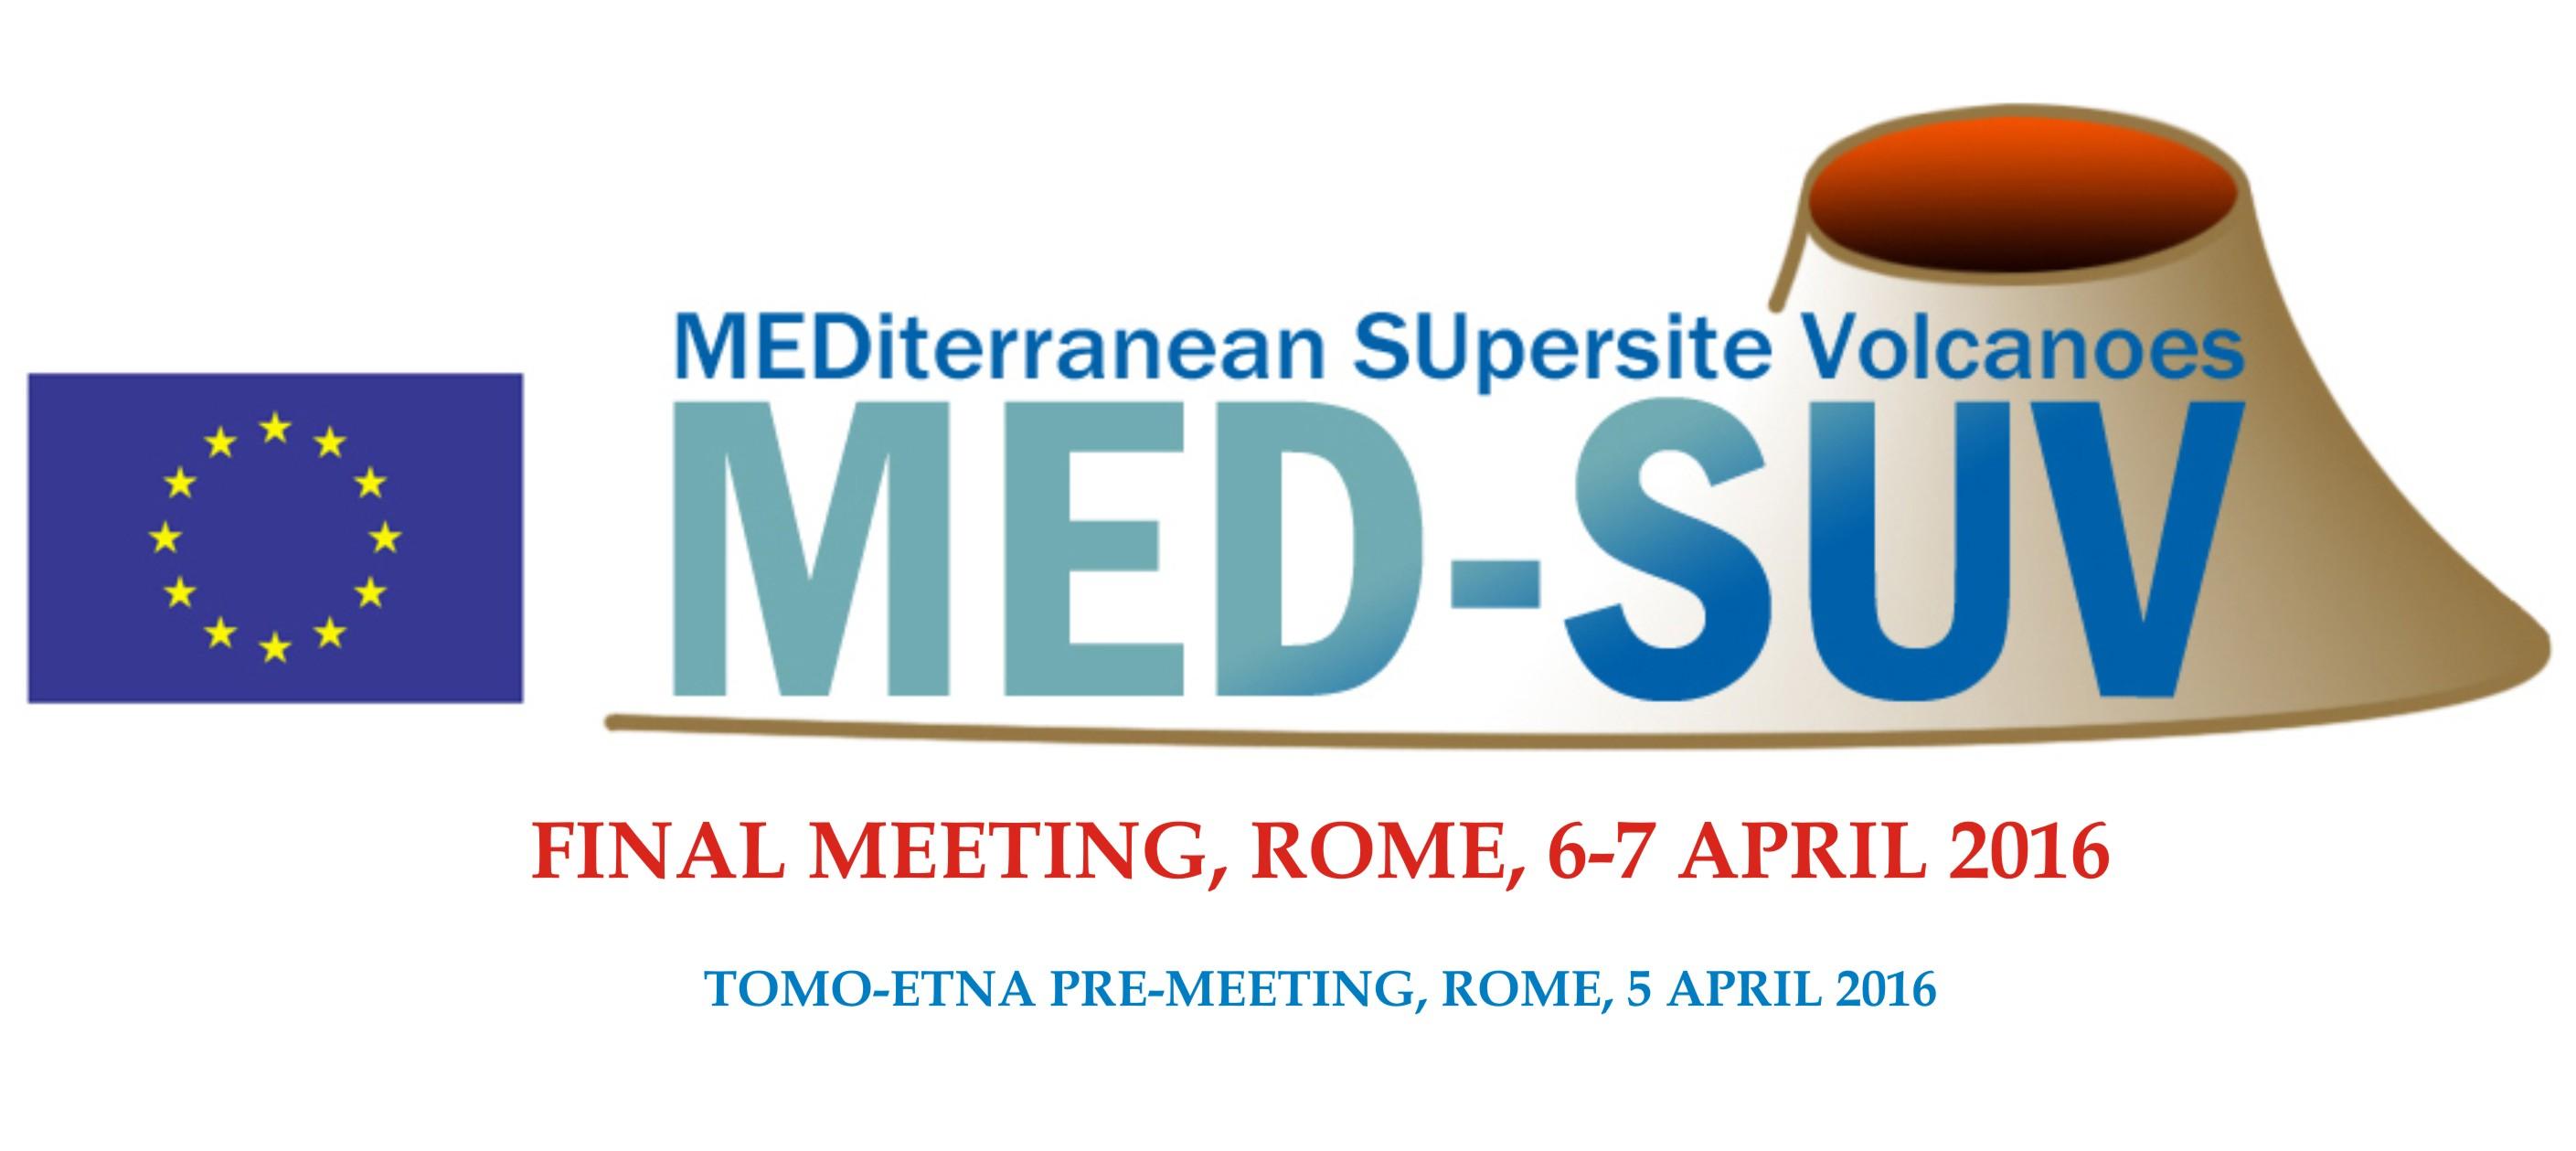 MED-SUV logo final meeting